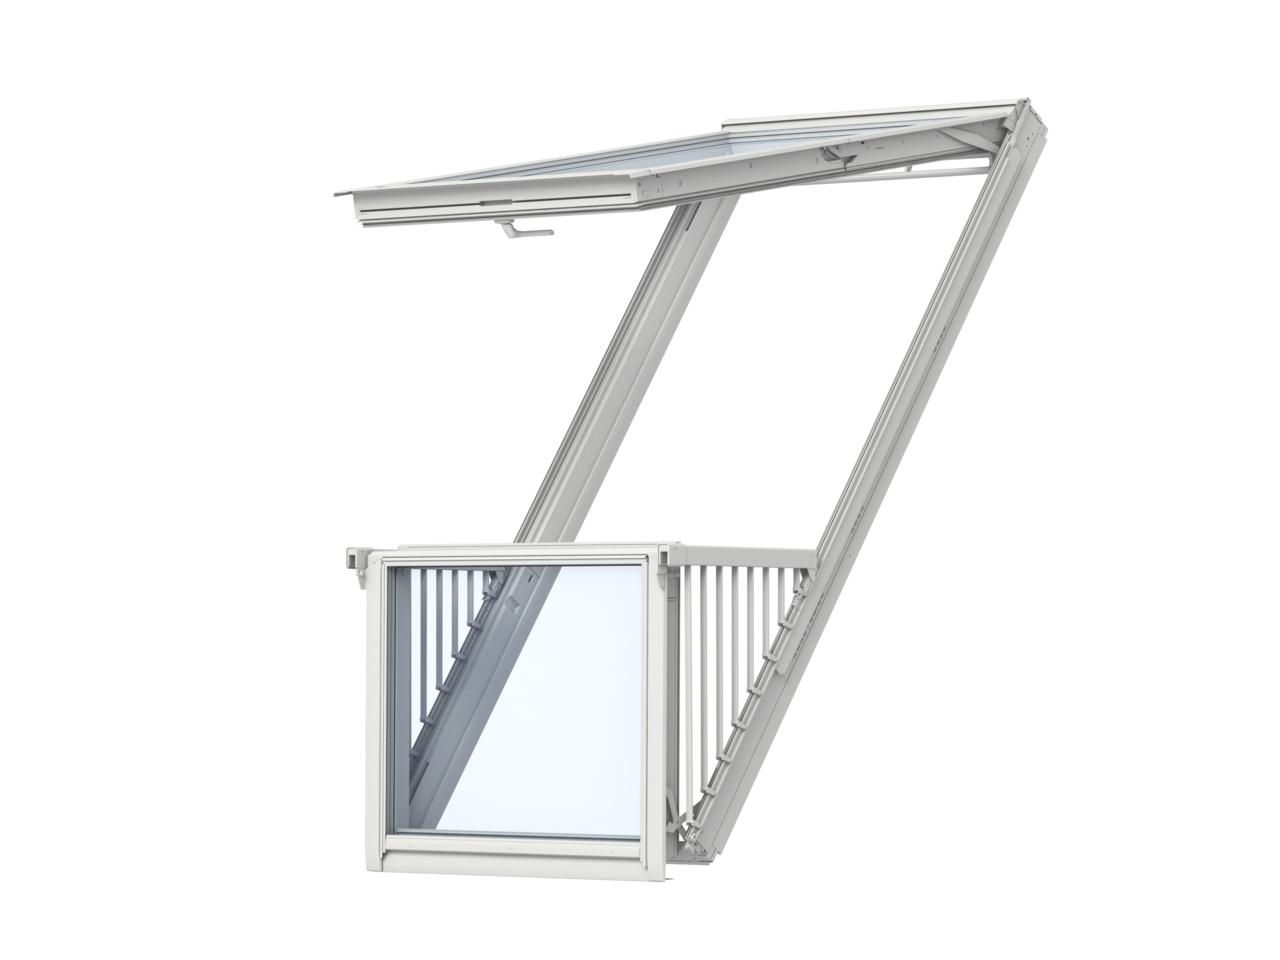 Istruzioni finestre speciali velux come fare for Velux finestre balcone